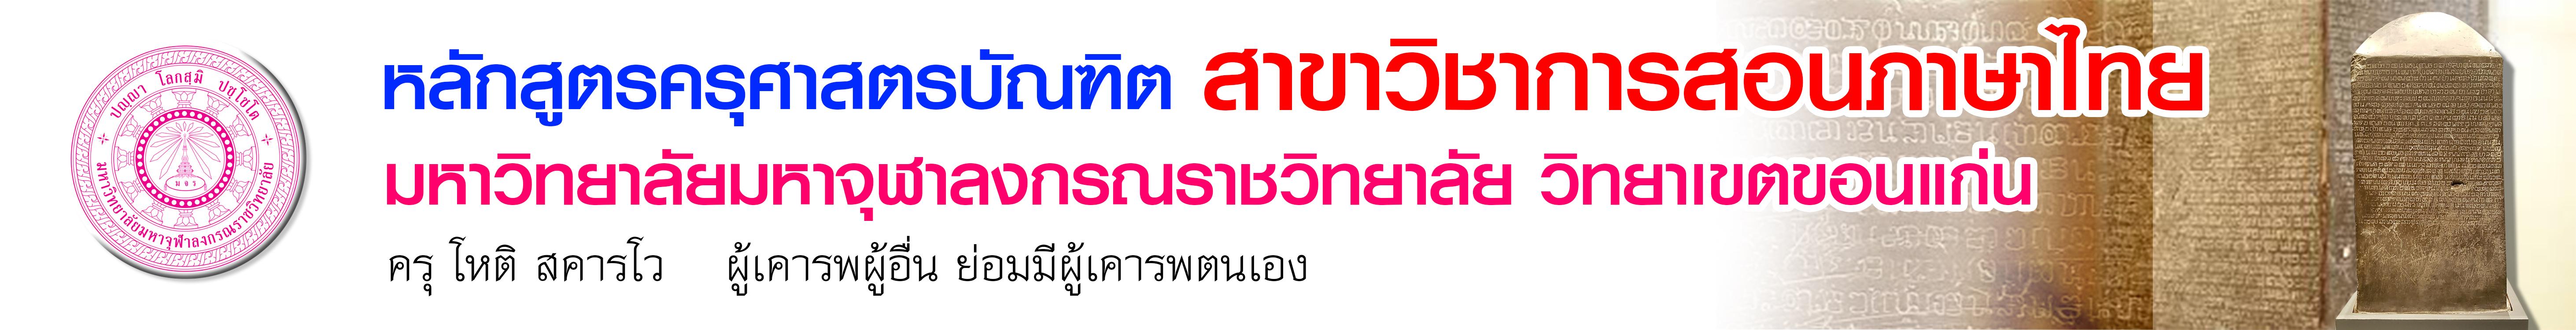 หลักสูตรครุศาสตรบัณฑิต สาขาวิชาการสอนภาษาไทย